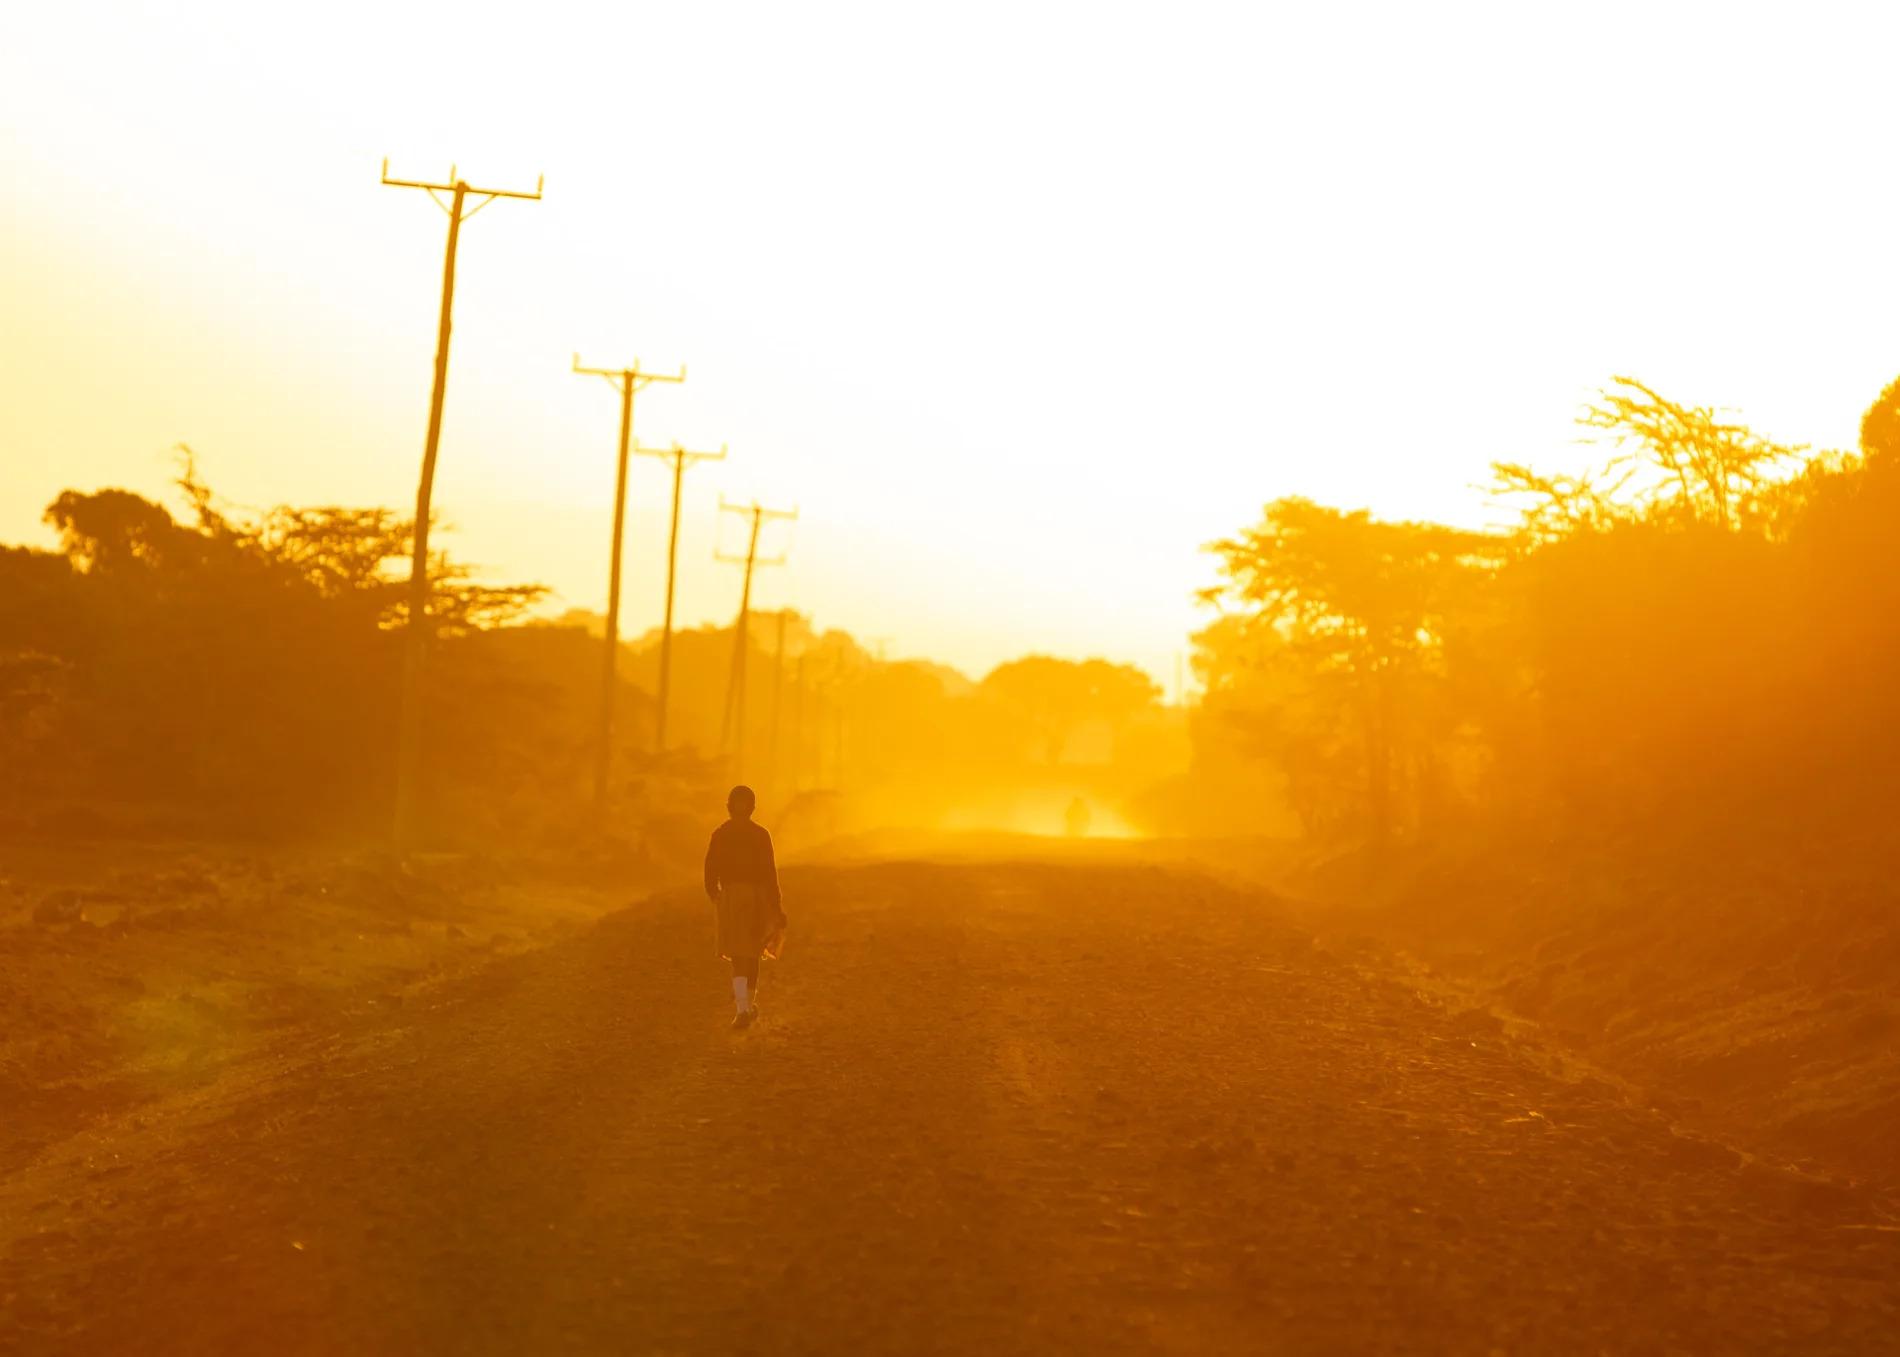 Maasai kid walking on road